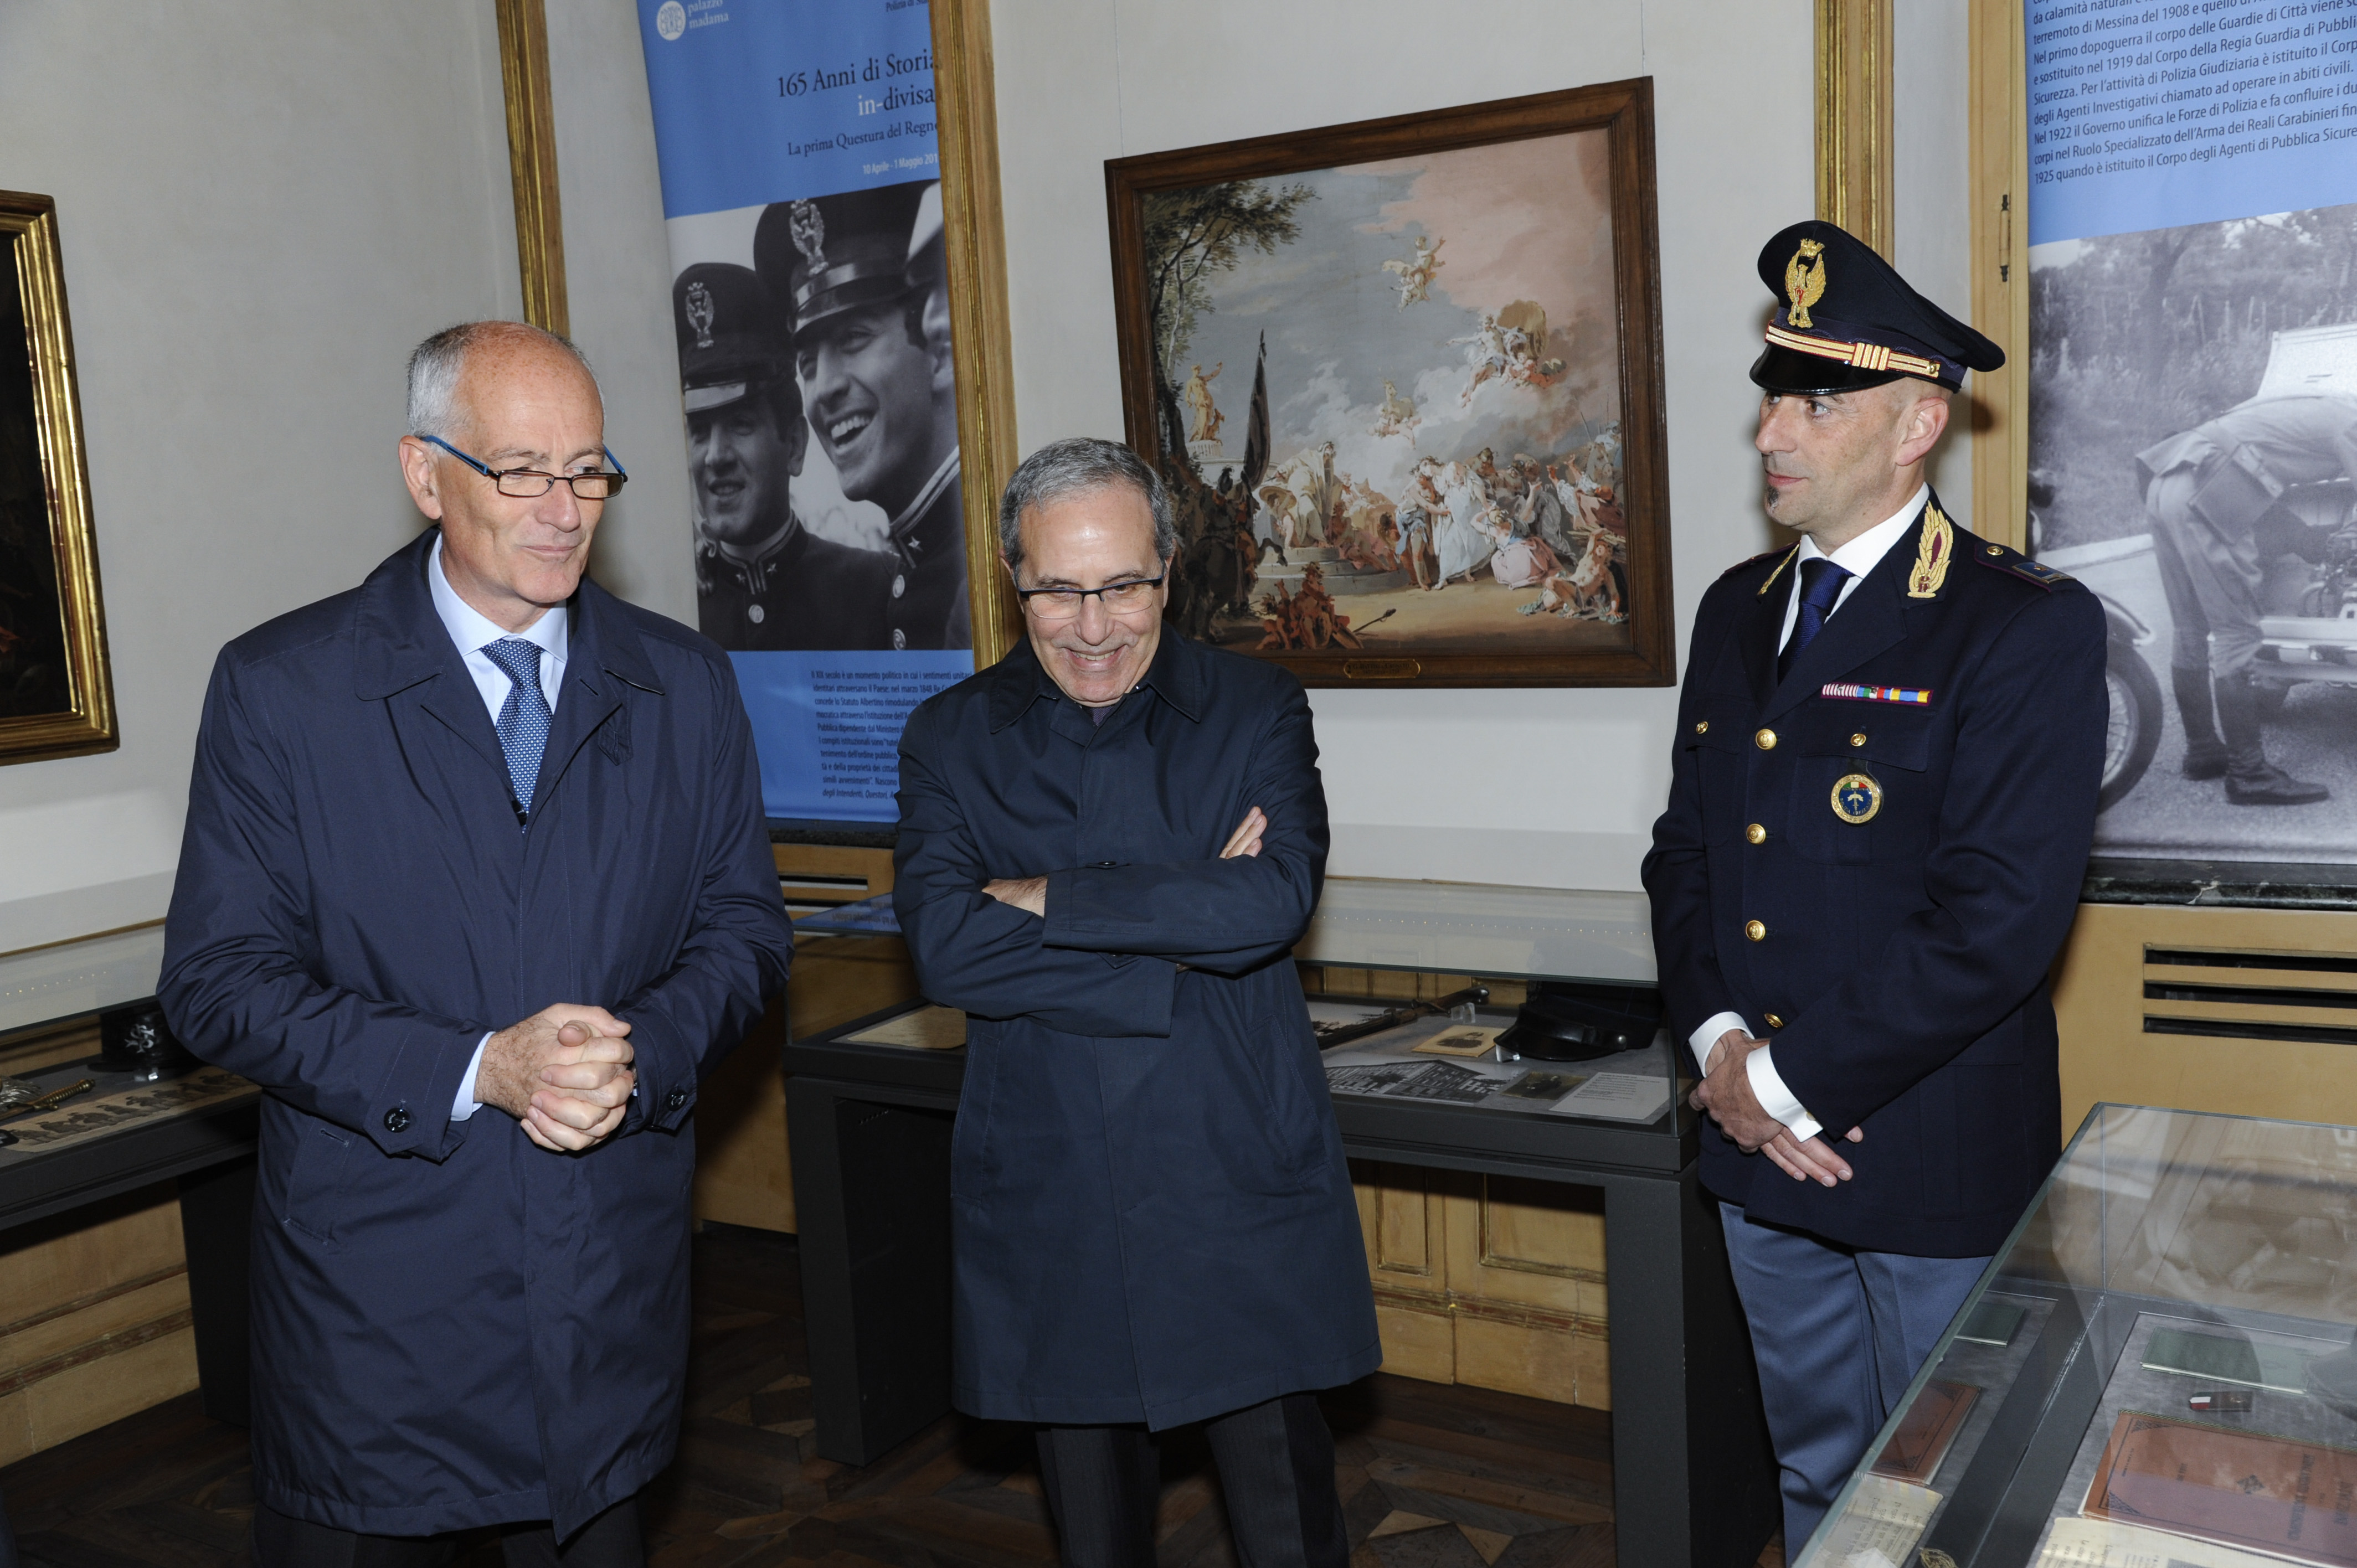 Torino la mostra 165 anni di storia in divisa presso for Questura di torino permesso di soggiorno pronto